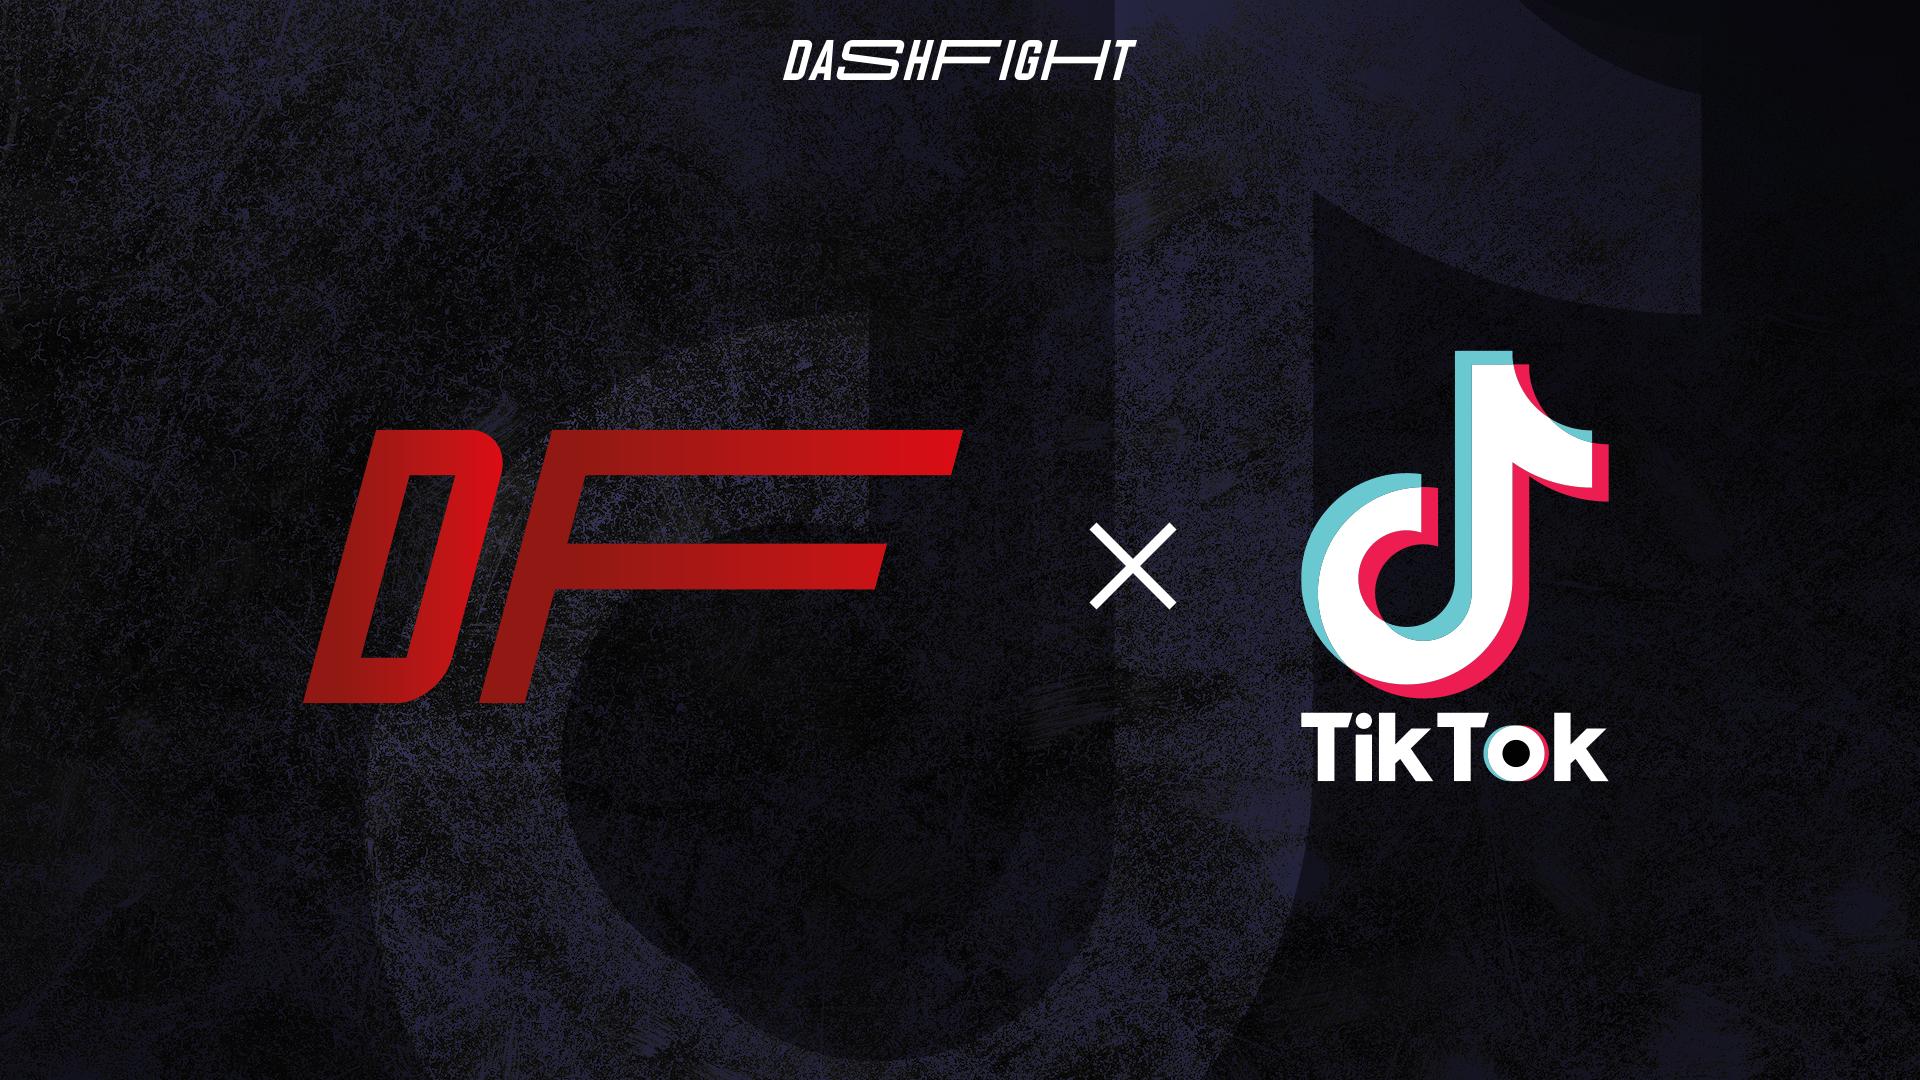 DashFight is now also on TikTok!